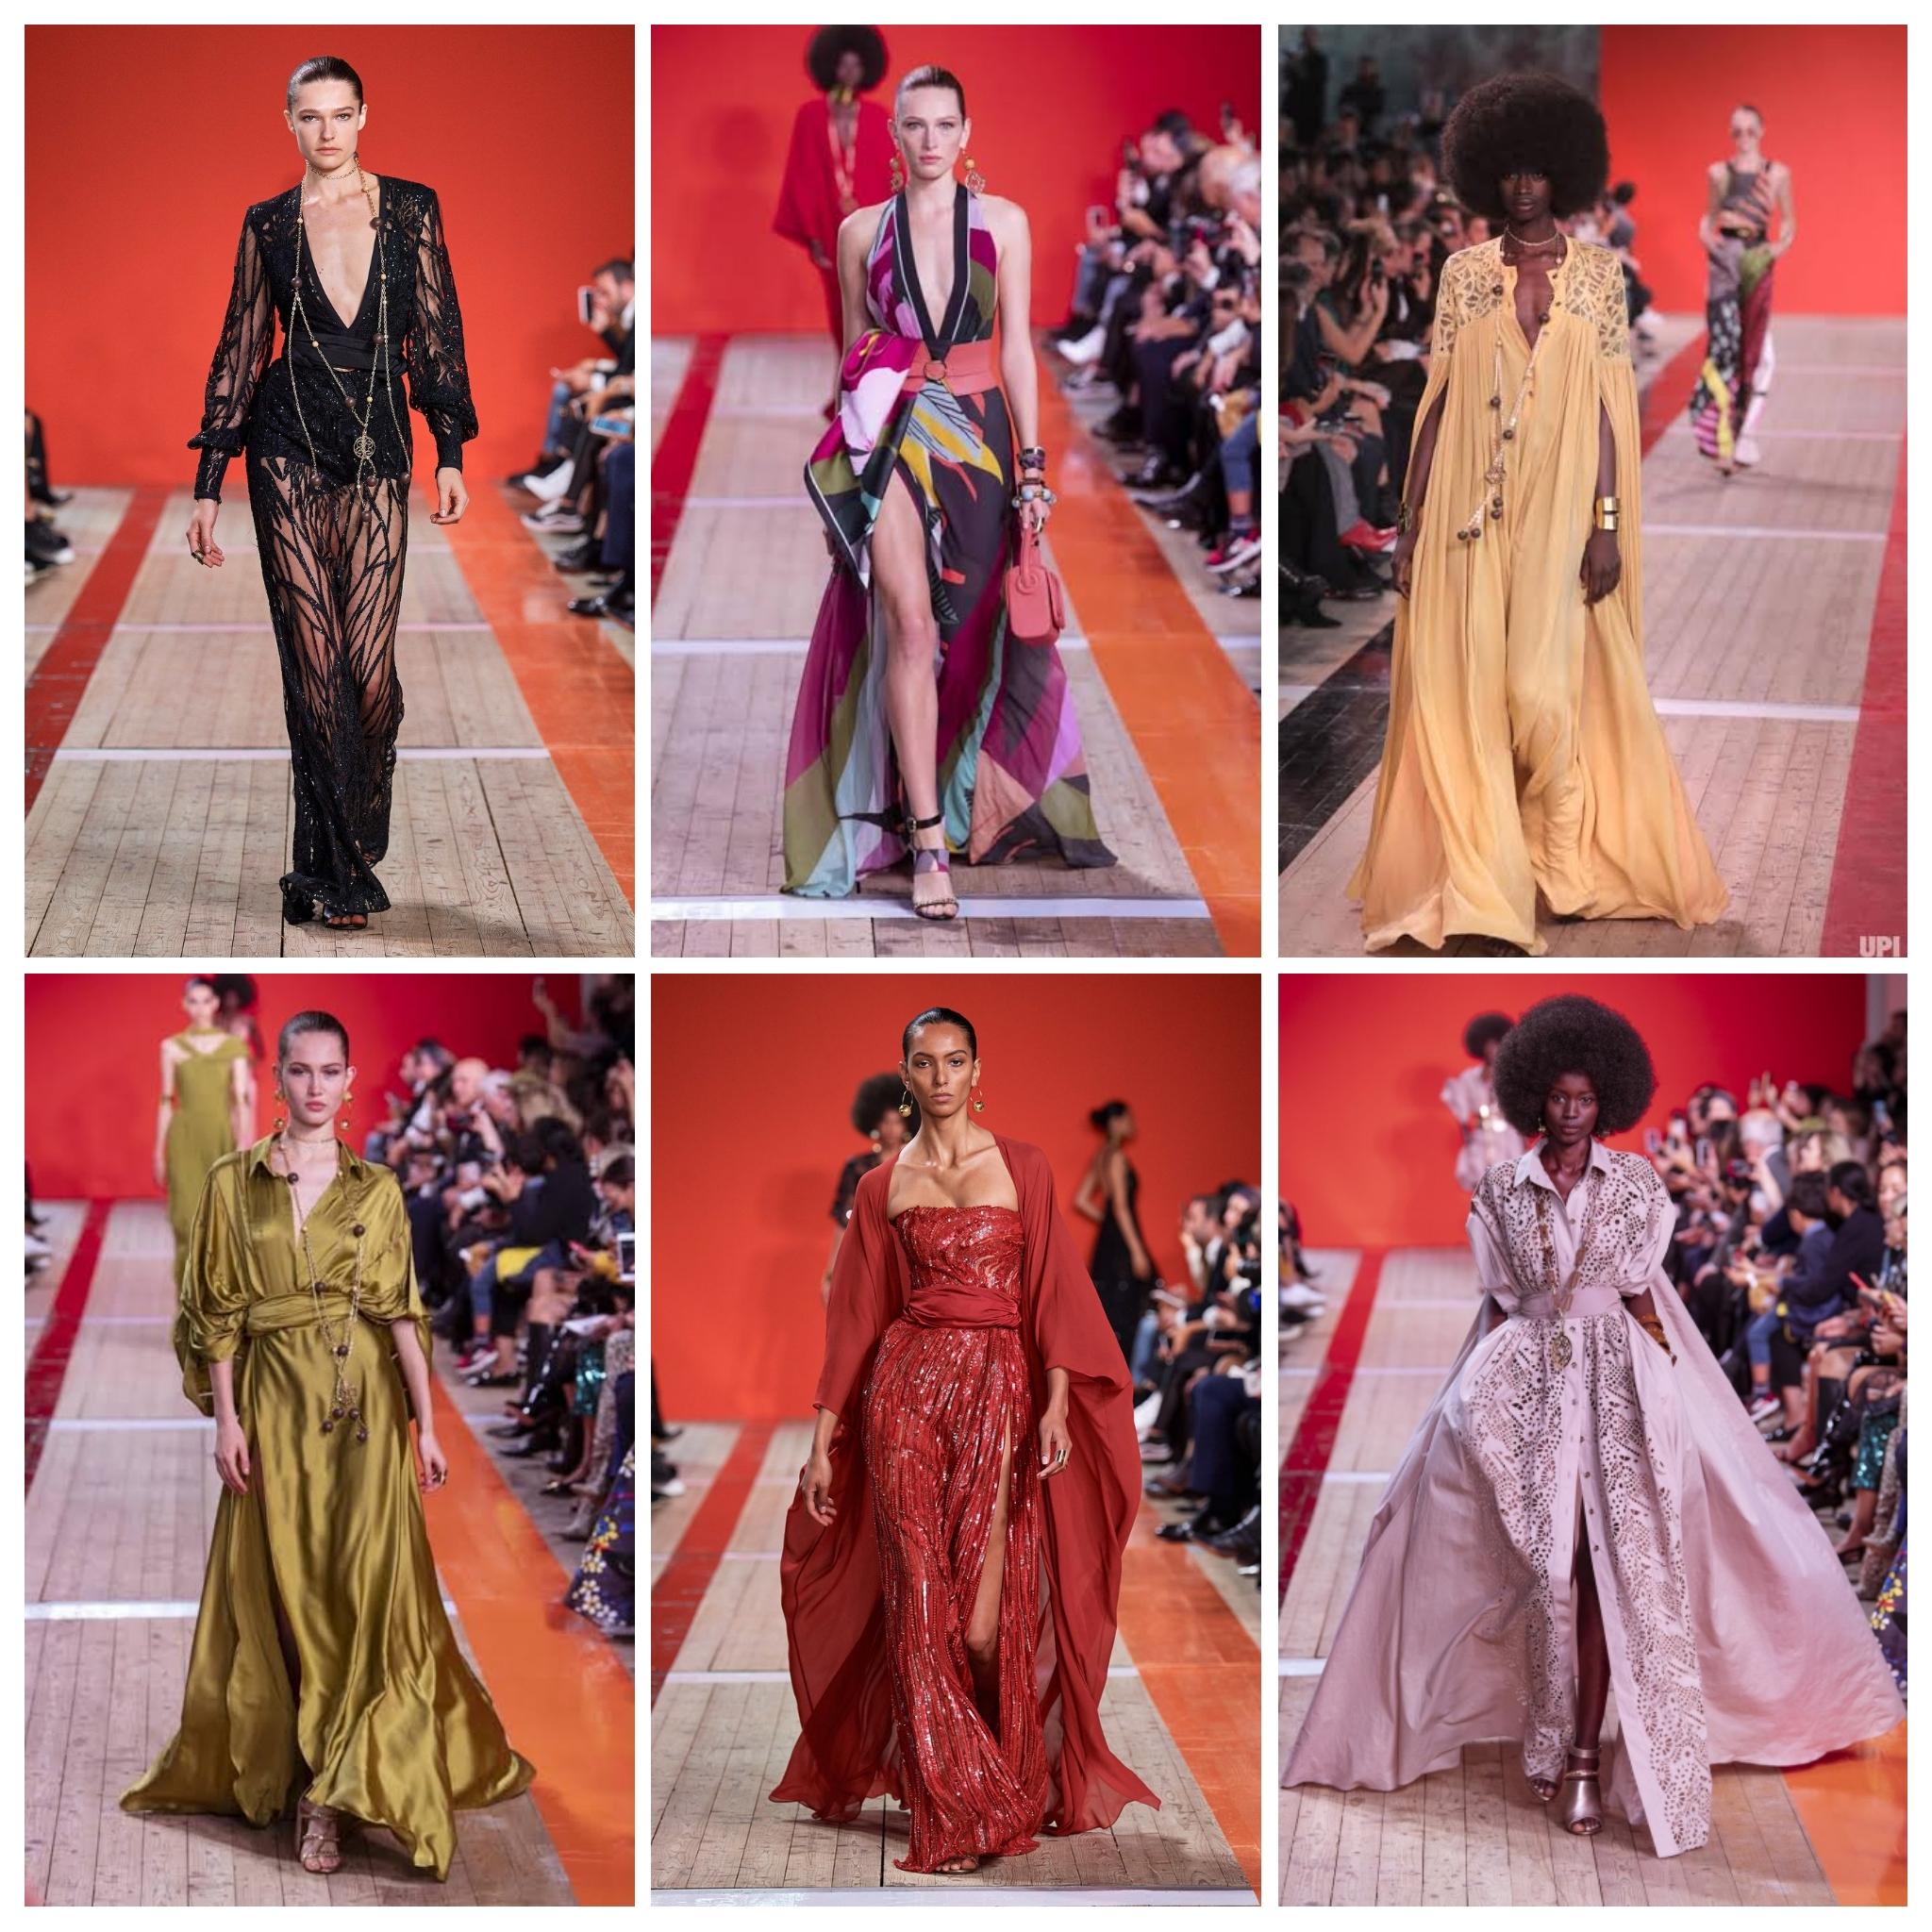 مجموعة متنوعة من أزياء إيلي صعب لربيع وصيف 2020